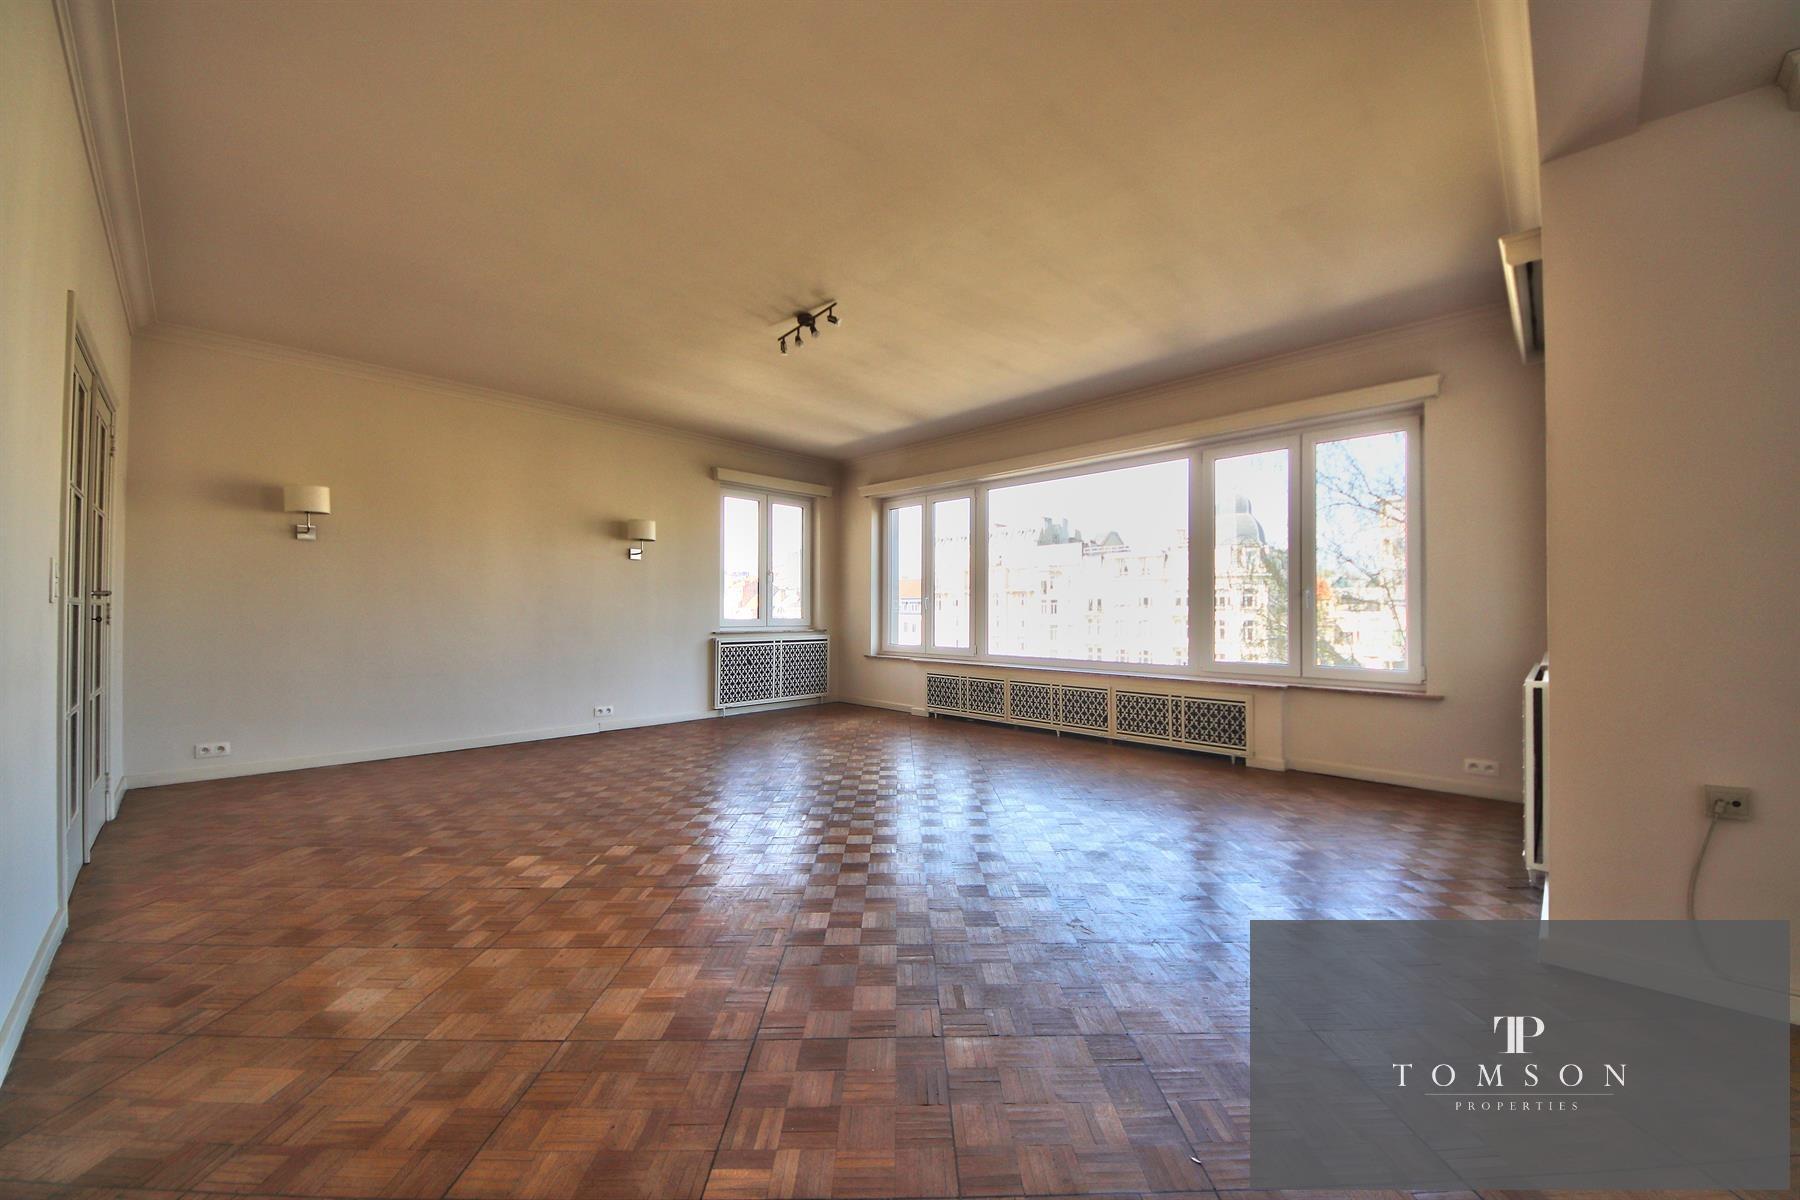 Appartement - Woluwe-Saint-Pierre - #4322664-1